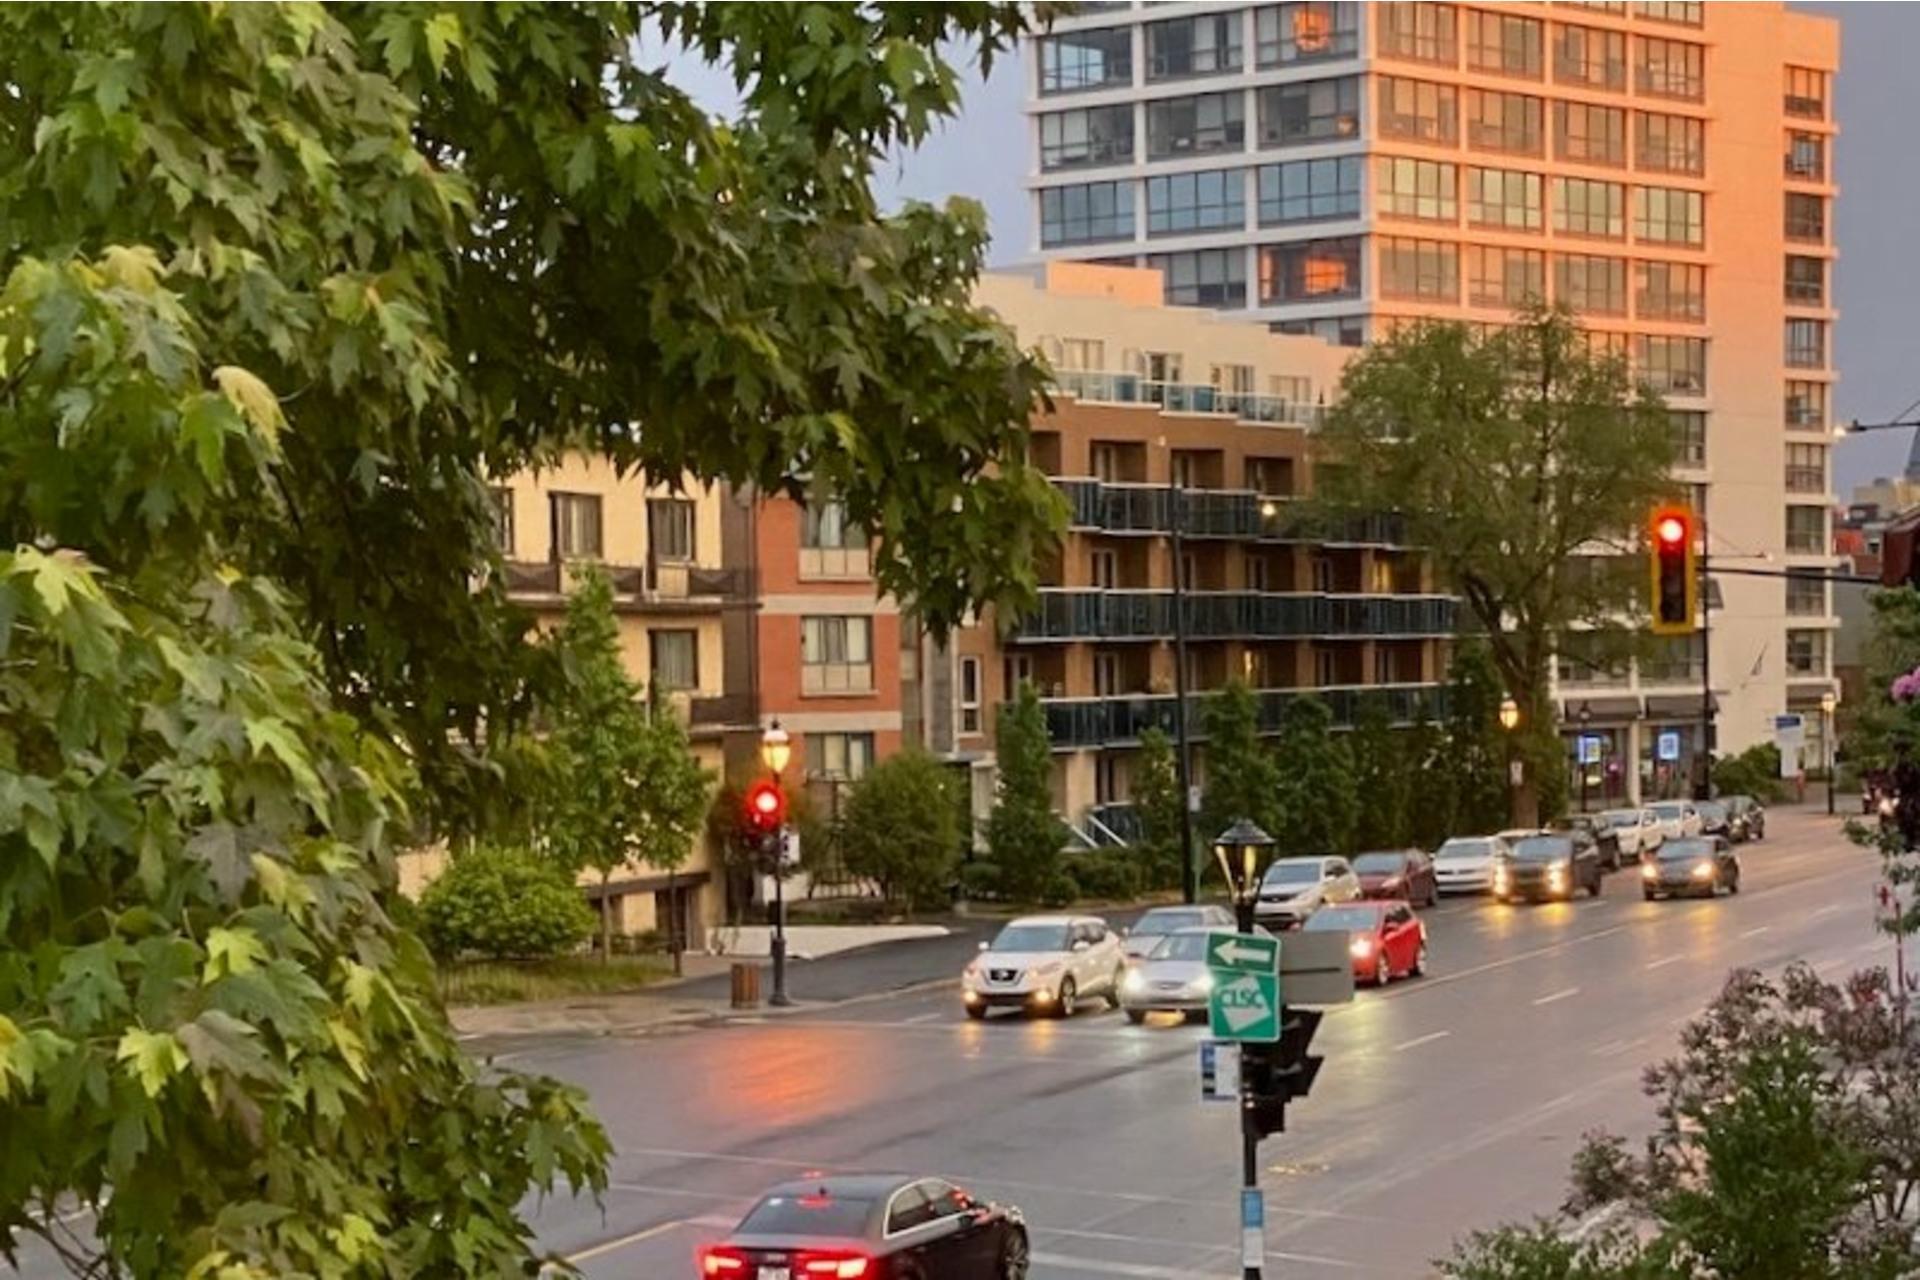 image 21 - Appartement À vendre Le Plateau-Mont-Royal Montréal  - 6 pièces